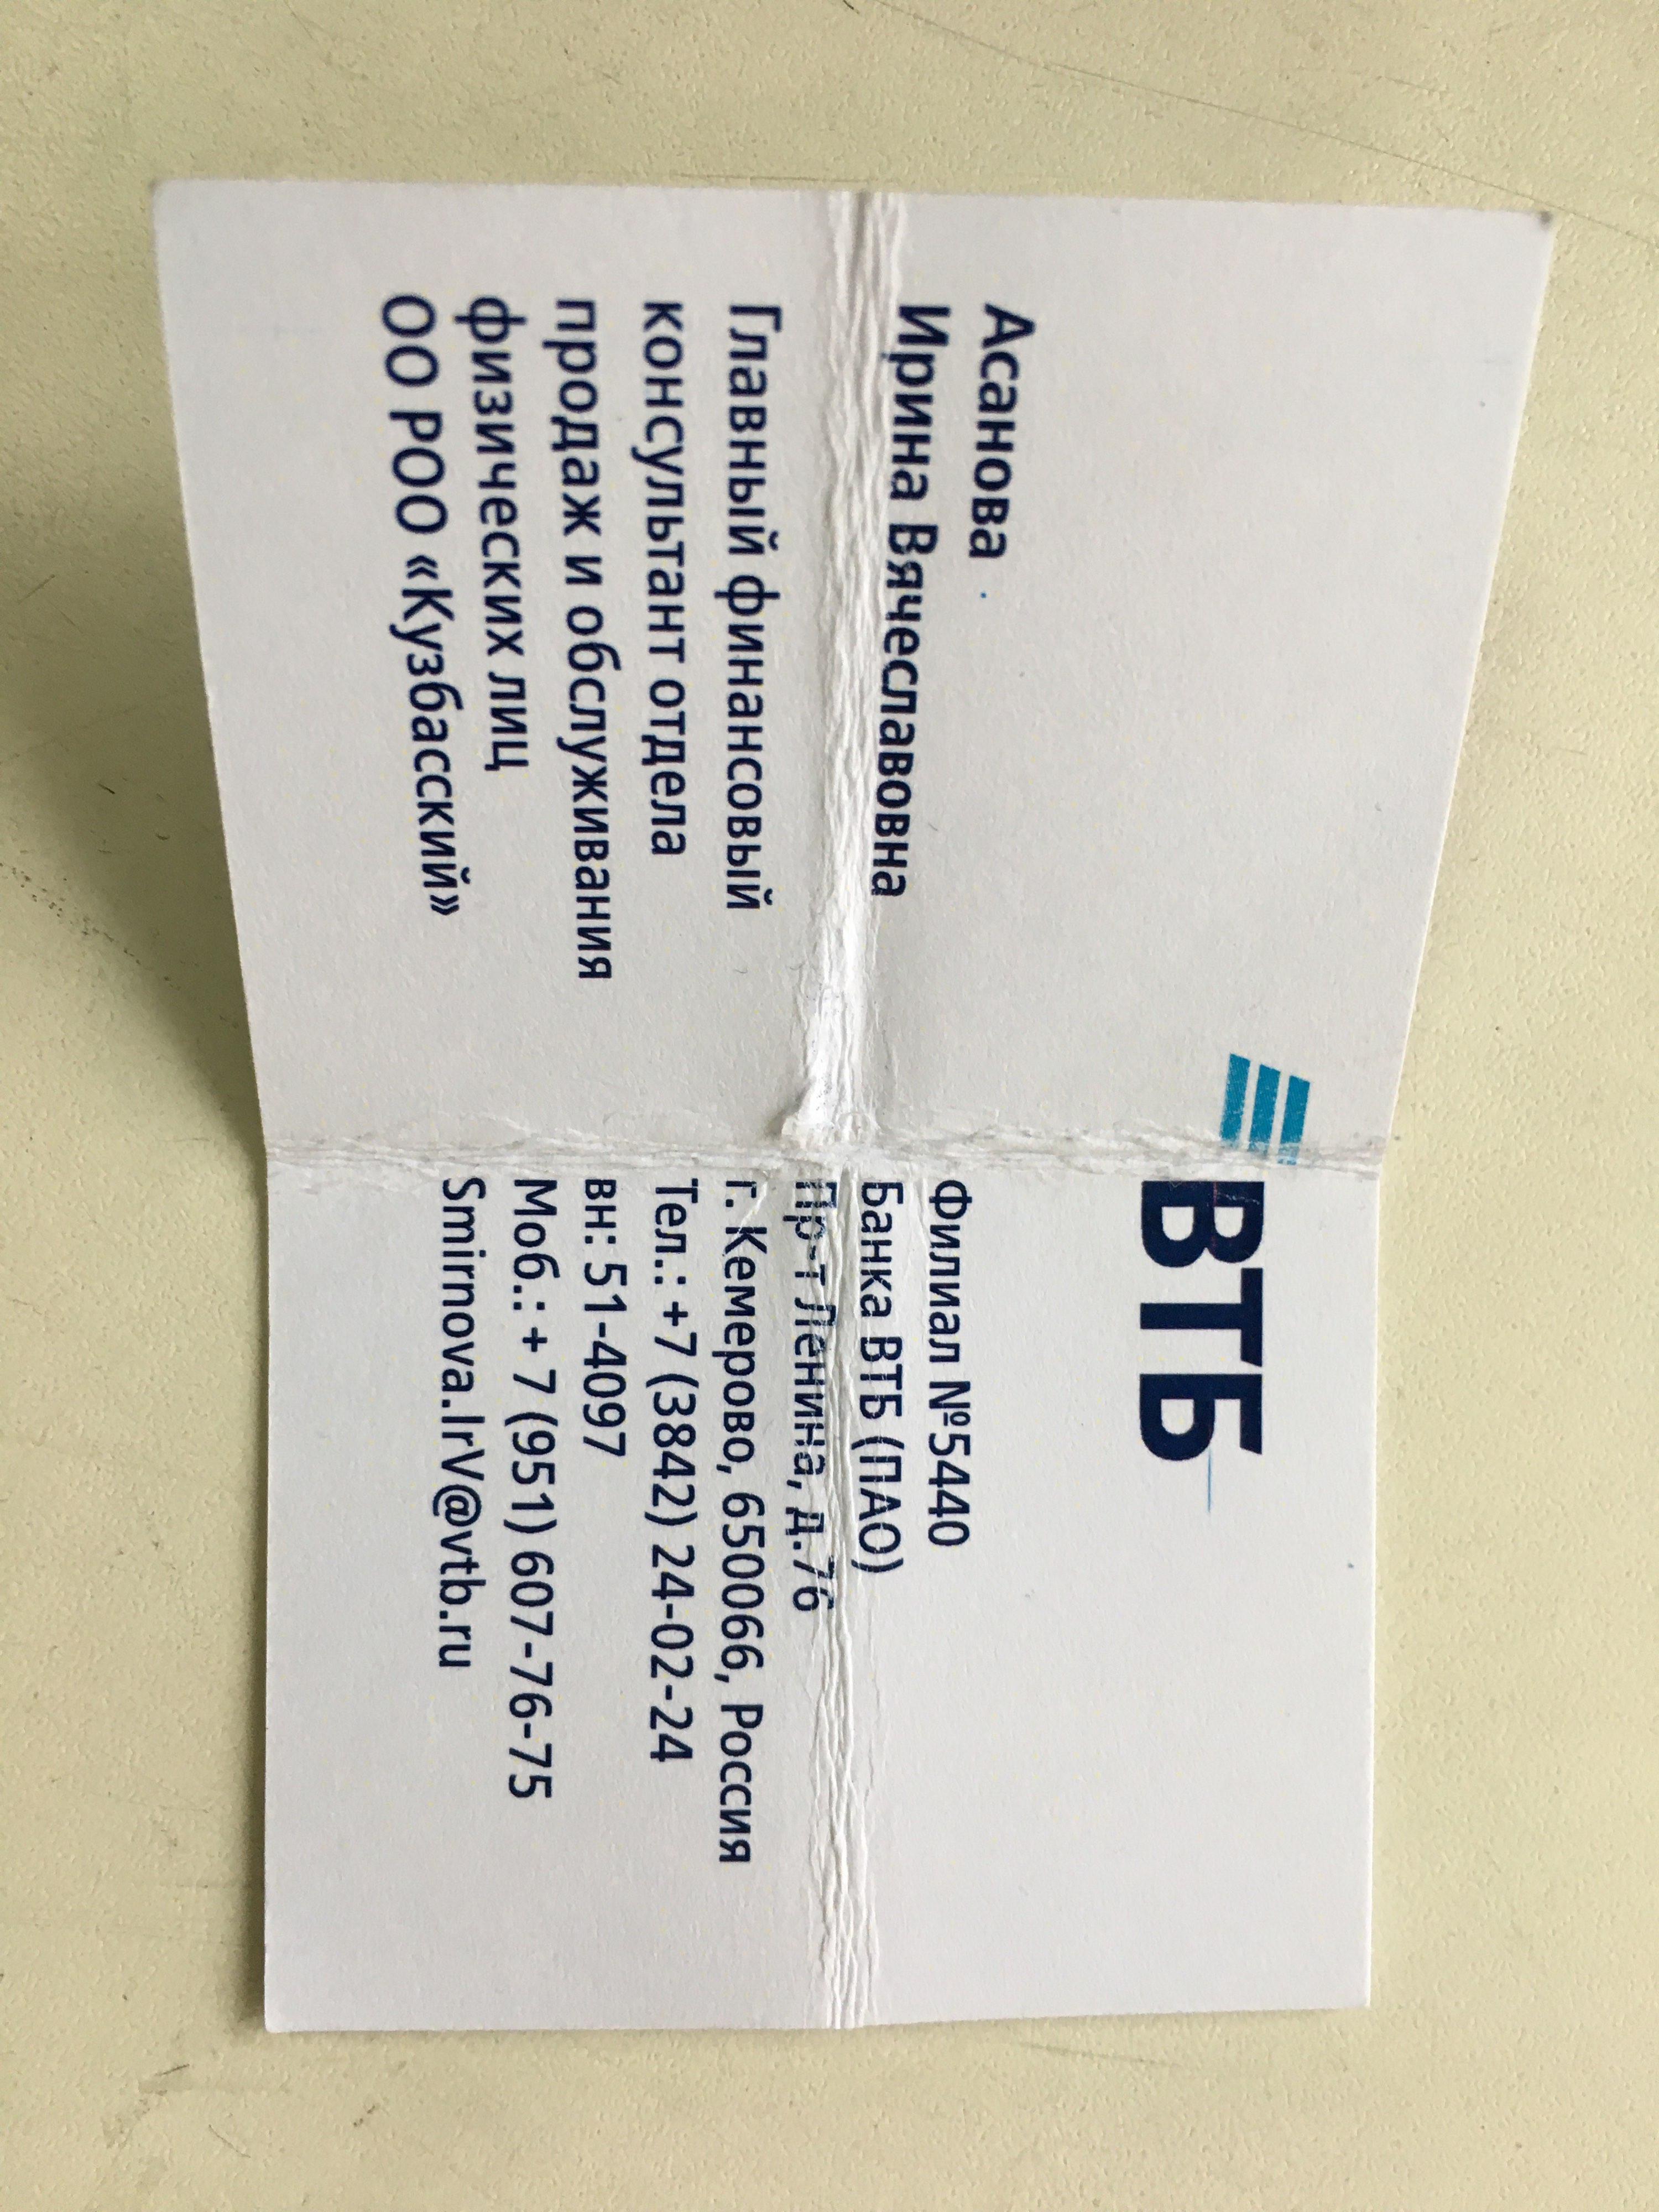 пао банк втб телефон для физических лицоформить кредит онлайн с плохой кредитной историей без отказа астрахань